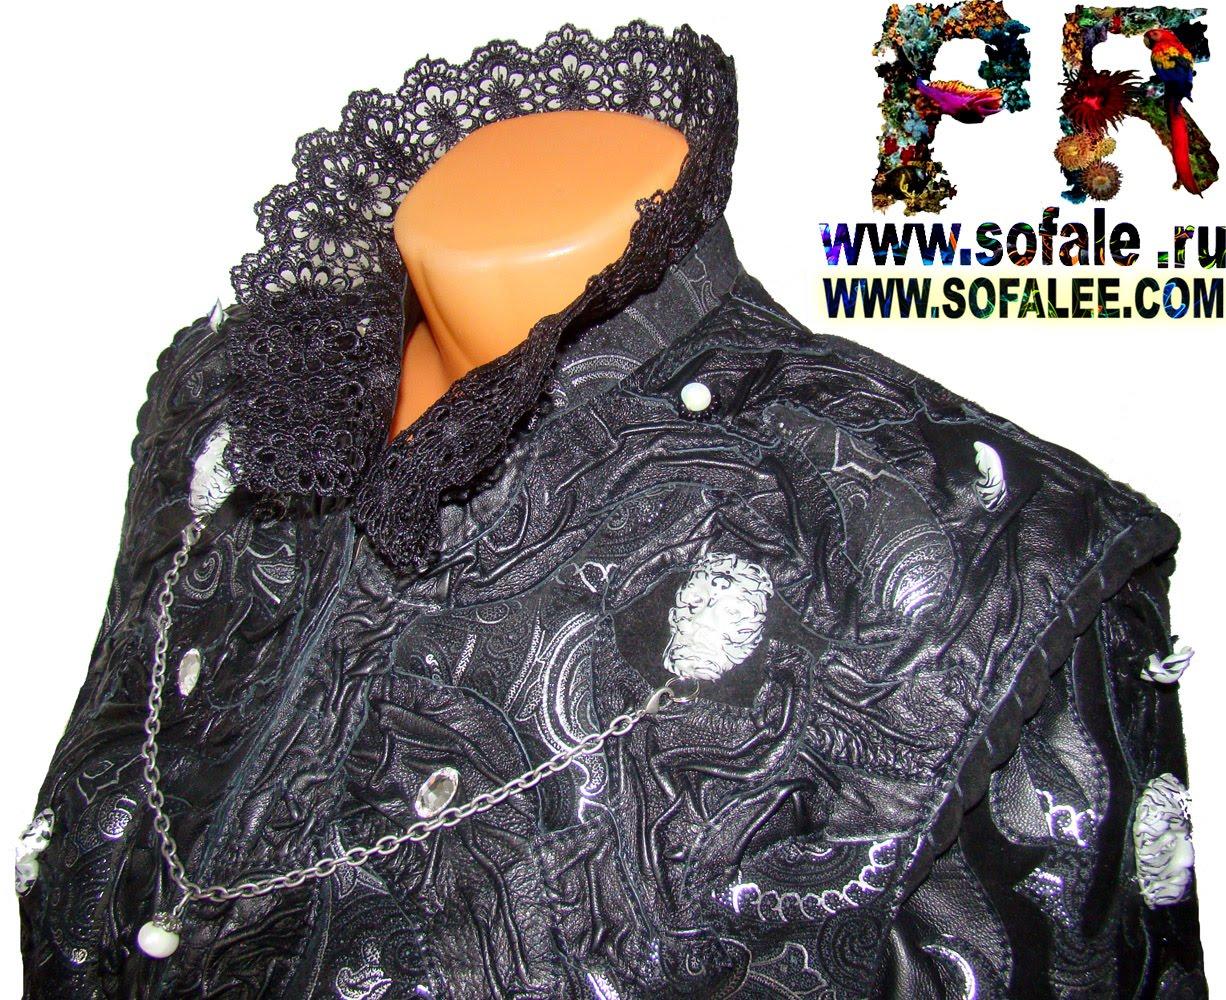 куртка черная женская короткая, с кружевами. Москва. интернет магазин и ателье.